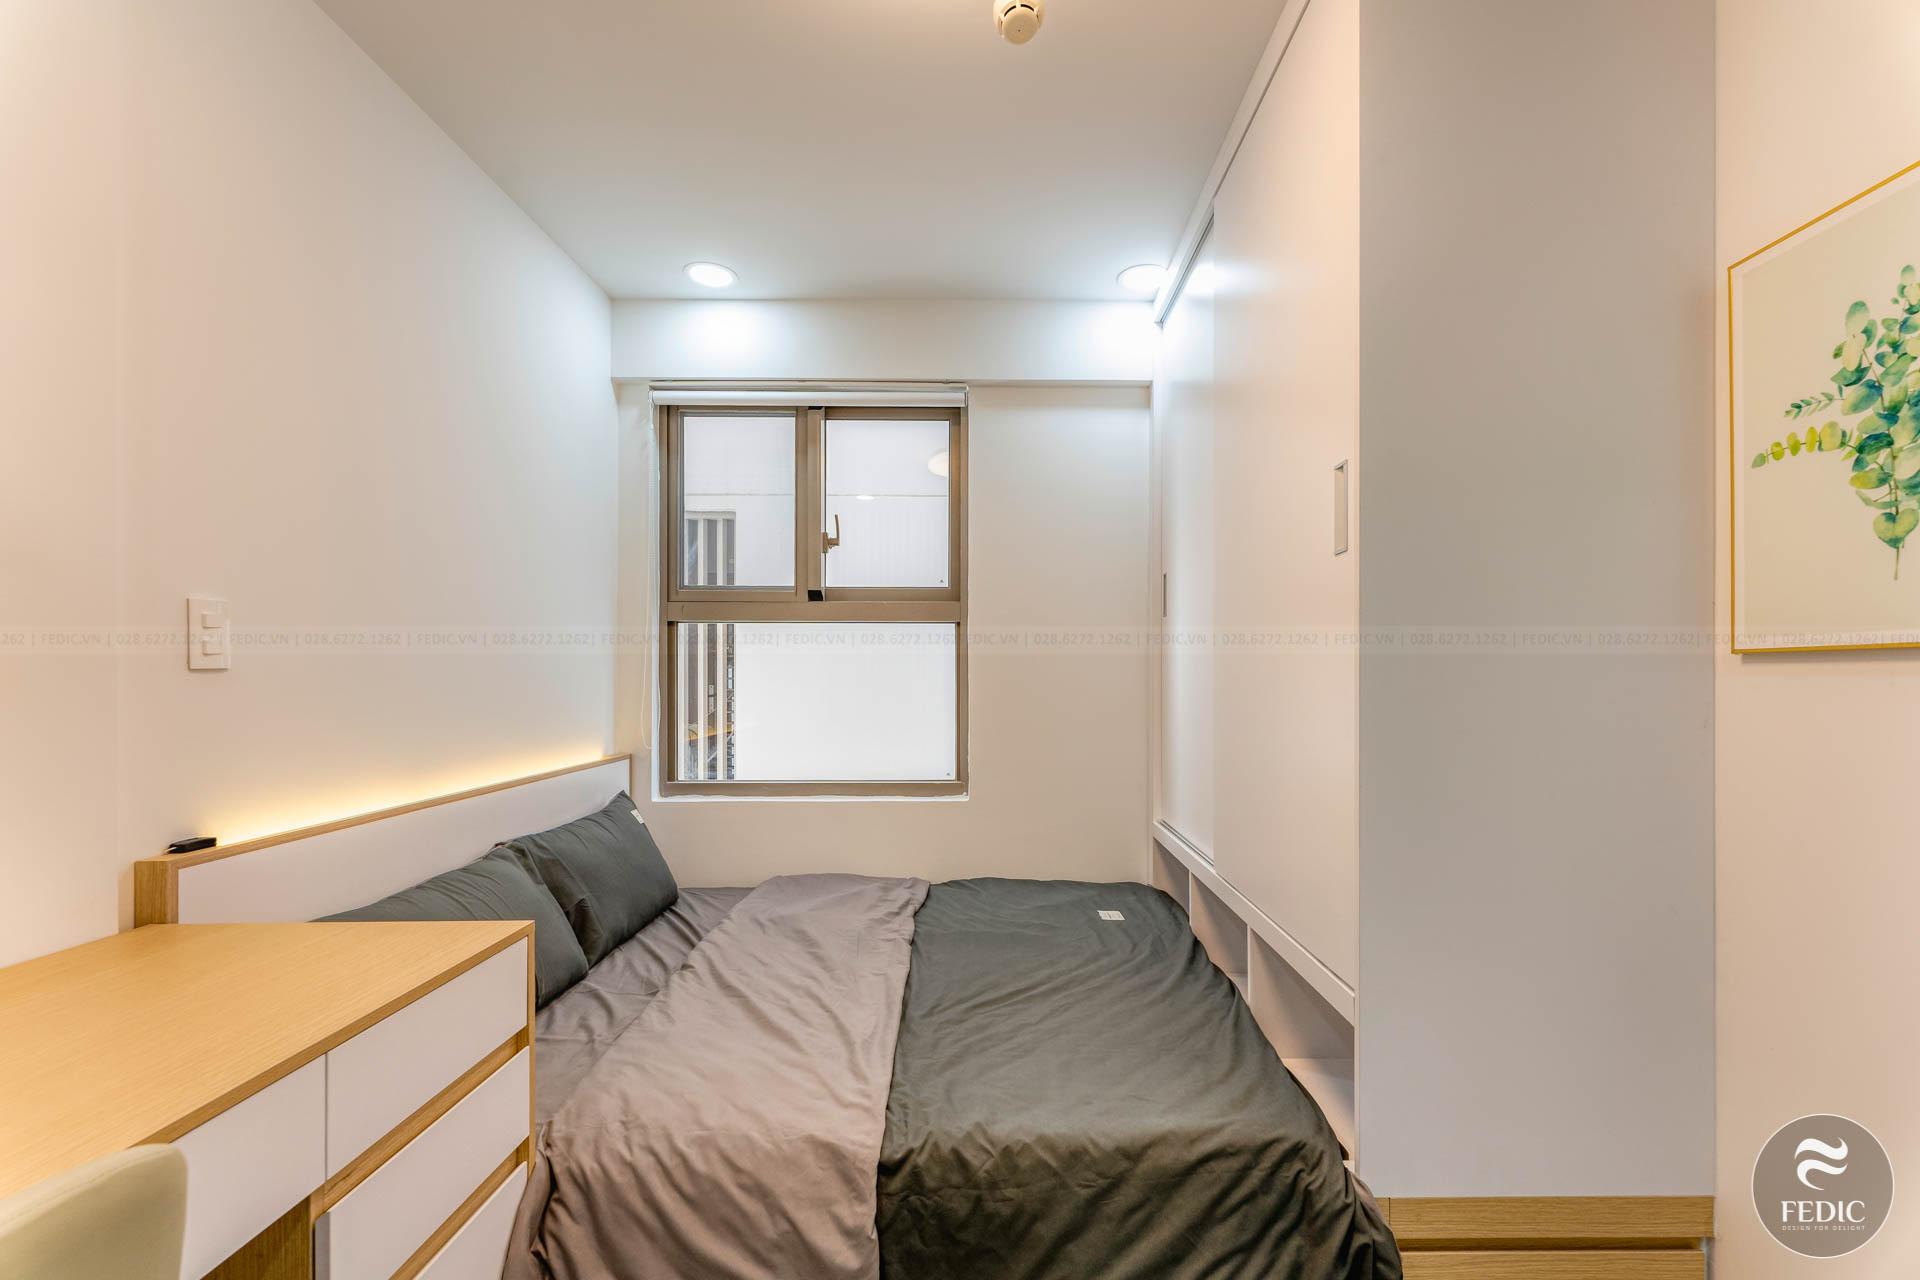 Nội thất căn hộ SSR- chị Phương-Fedic-14